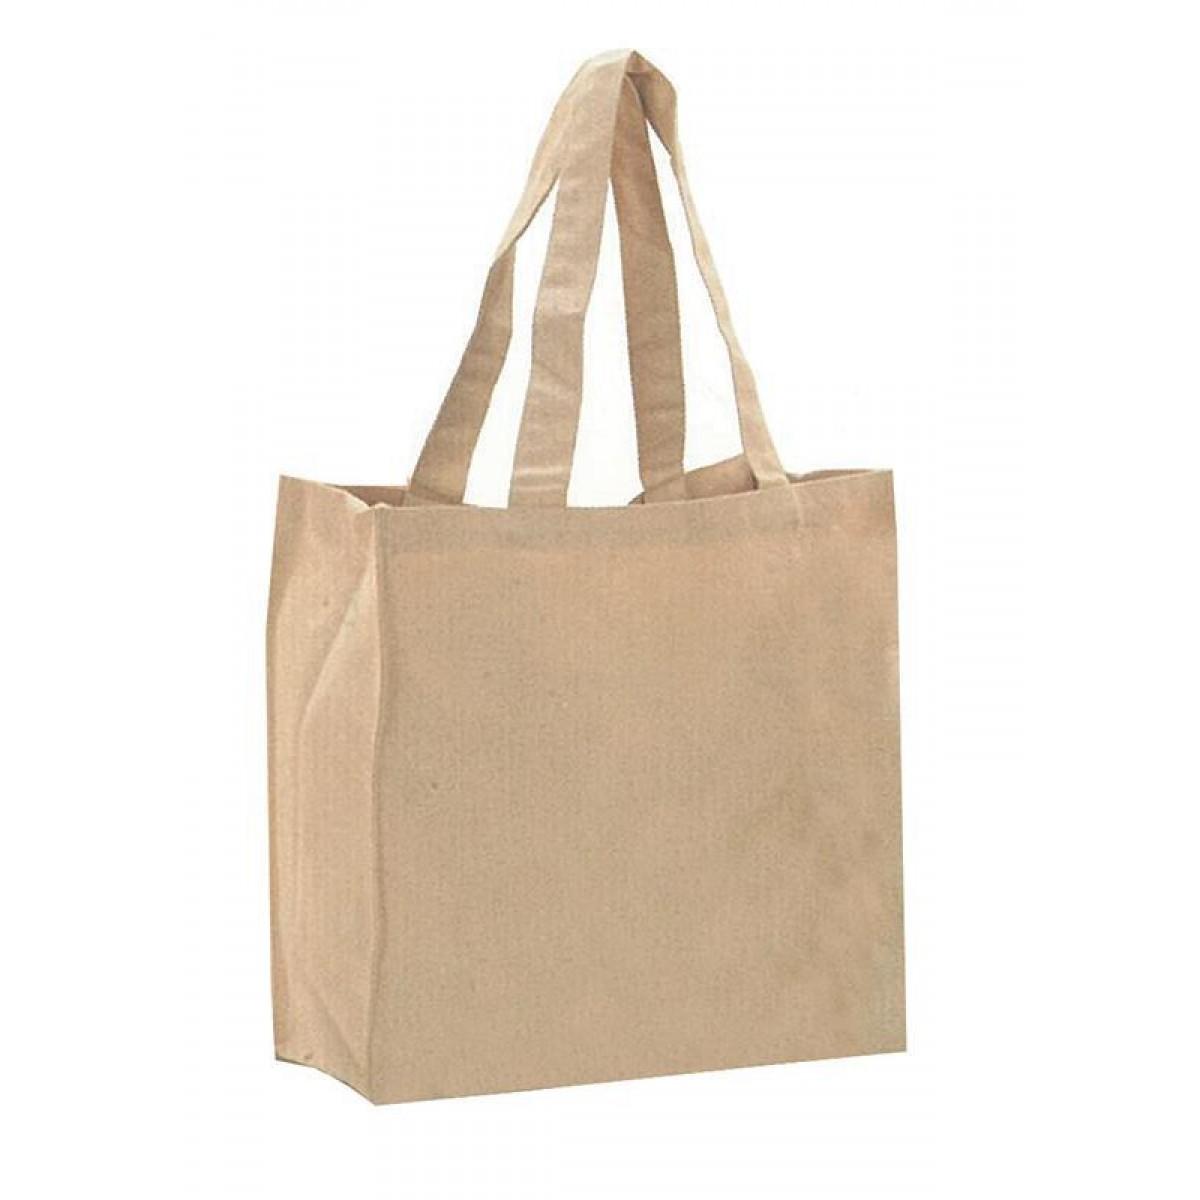 Τσάντα Βαμβακερή Με Μακρύ Χερούλι Υ38x44x14εκ.